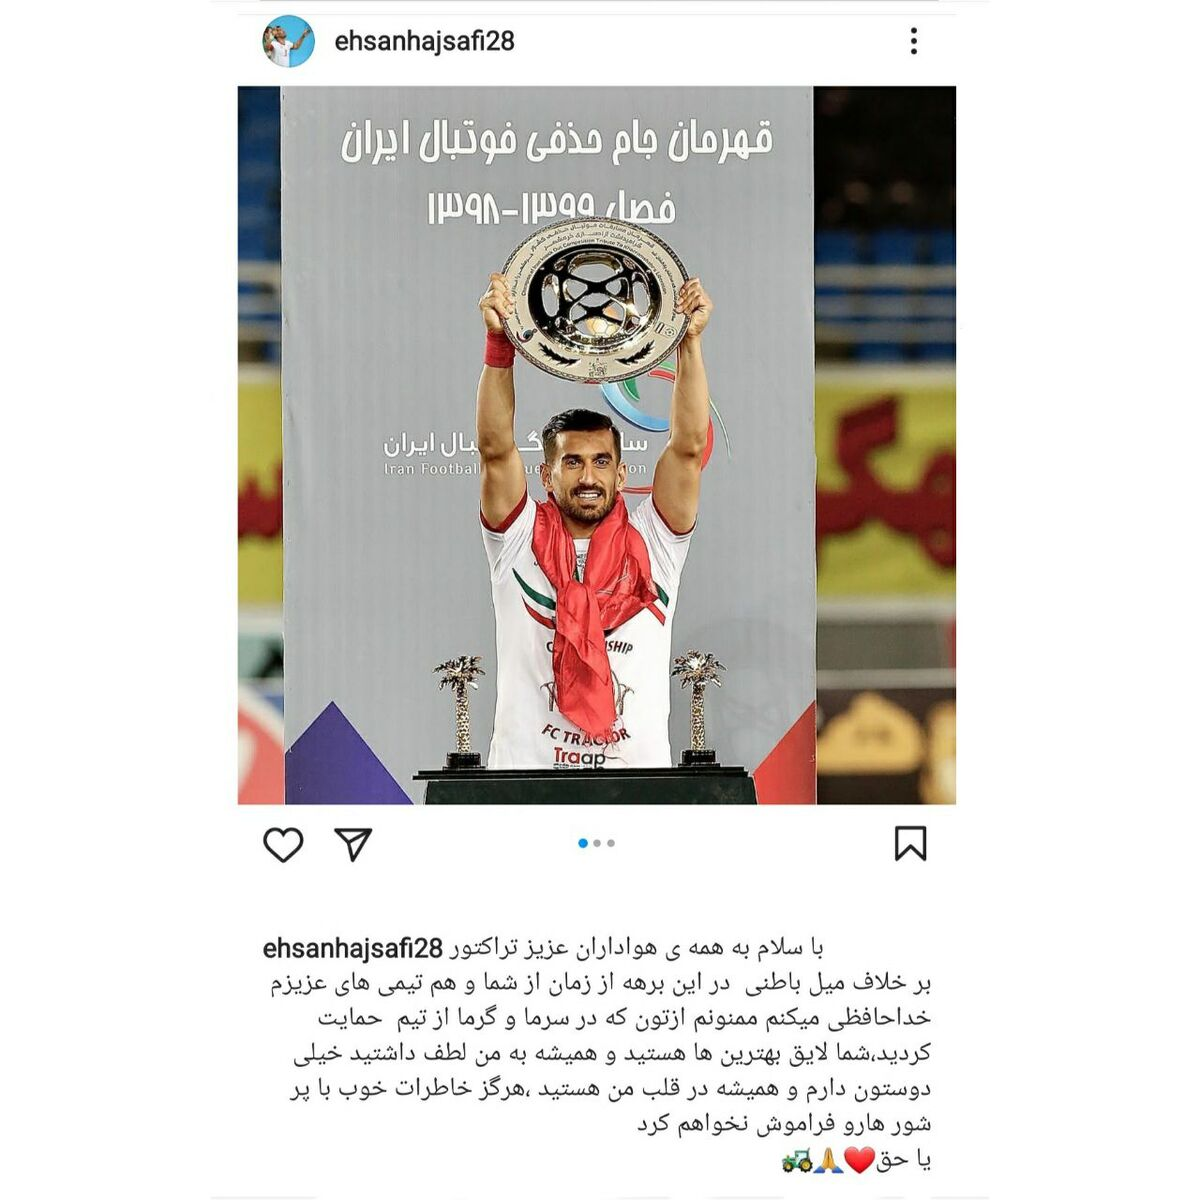 عکس | واکنش حاج صفی بعد از جدایی/ این اتفاق بر خلاف میل باطنی ام بود